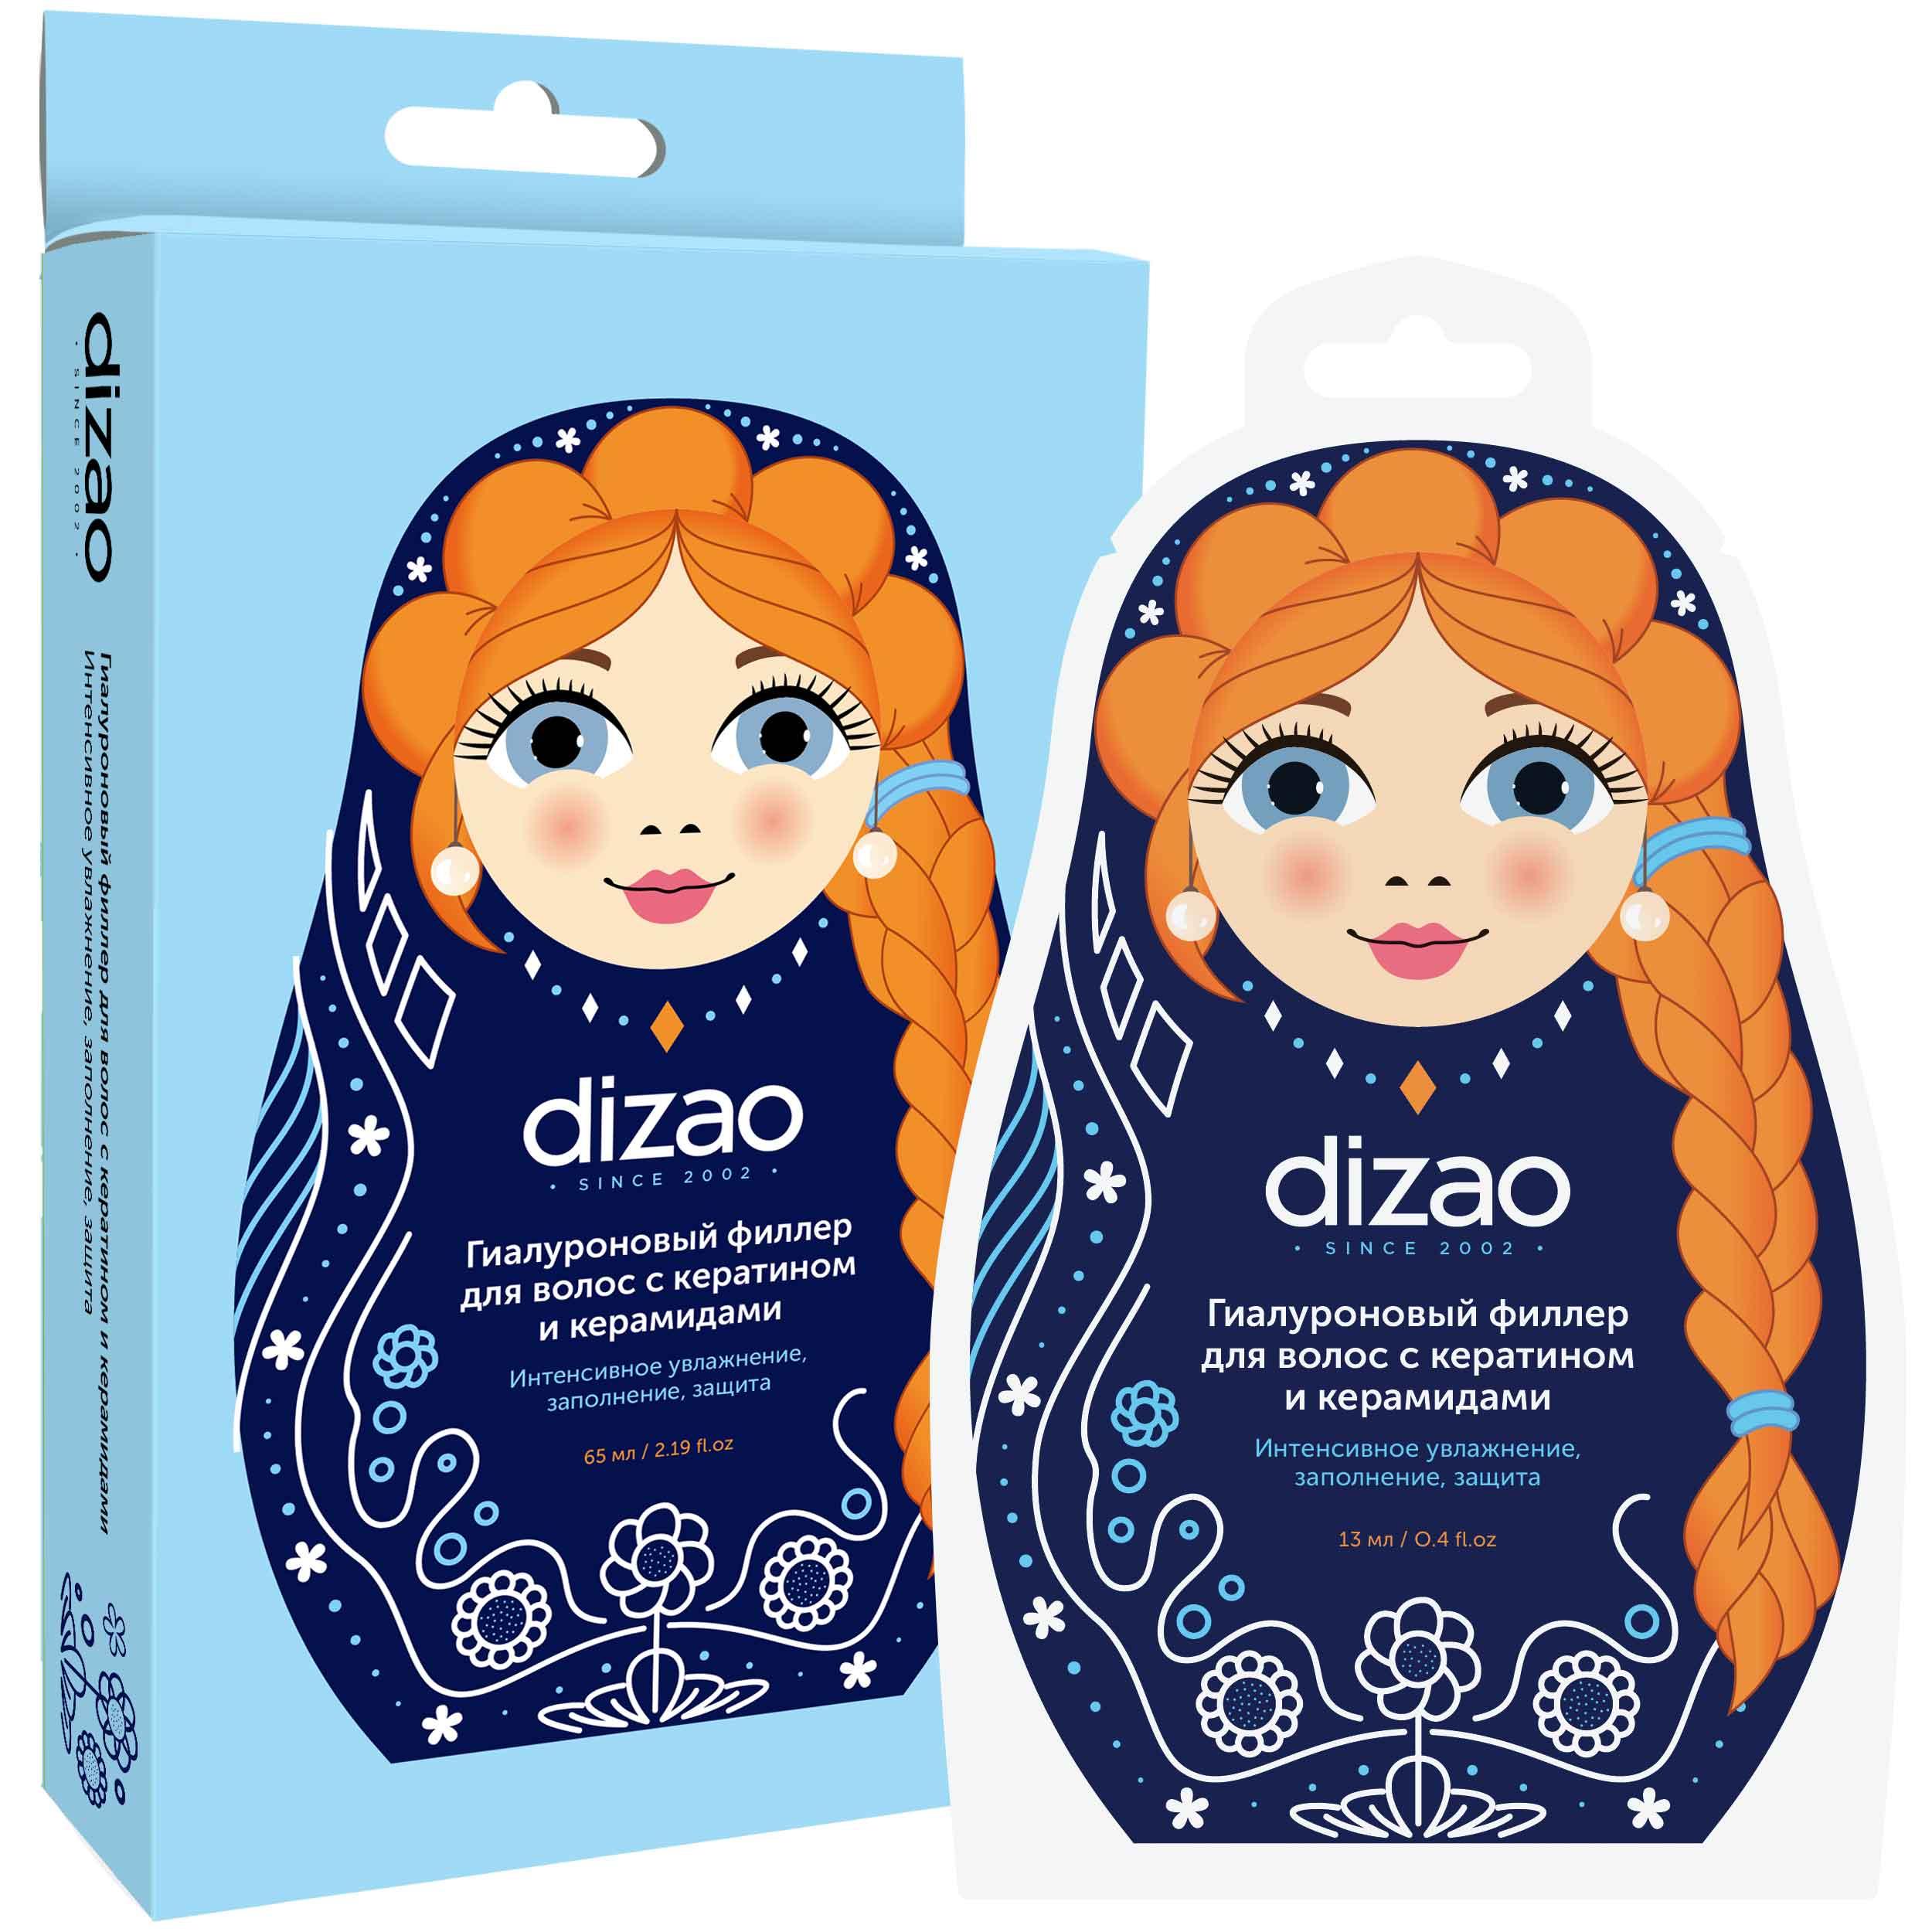 Купить Dizao Гиалуроновый филлер для волос с кератином и керамидами, 1 шт (Dizao, Для волос), Китай